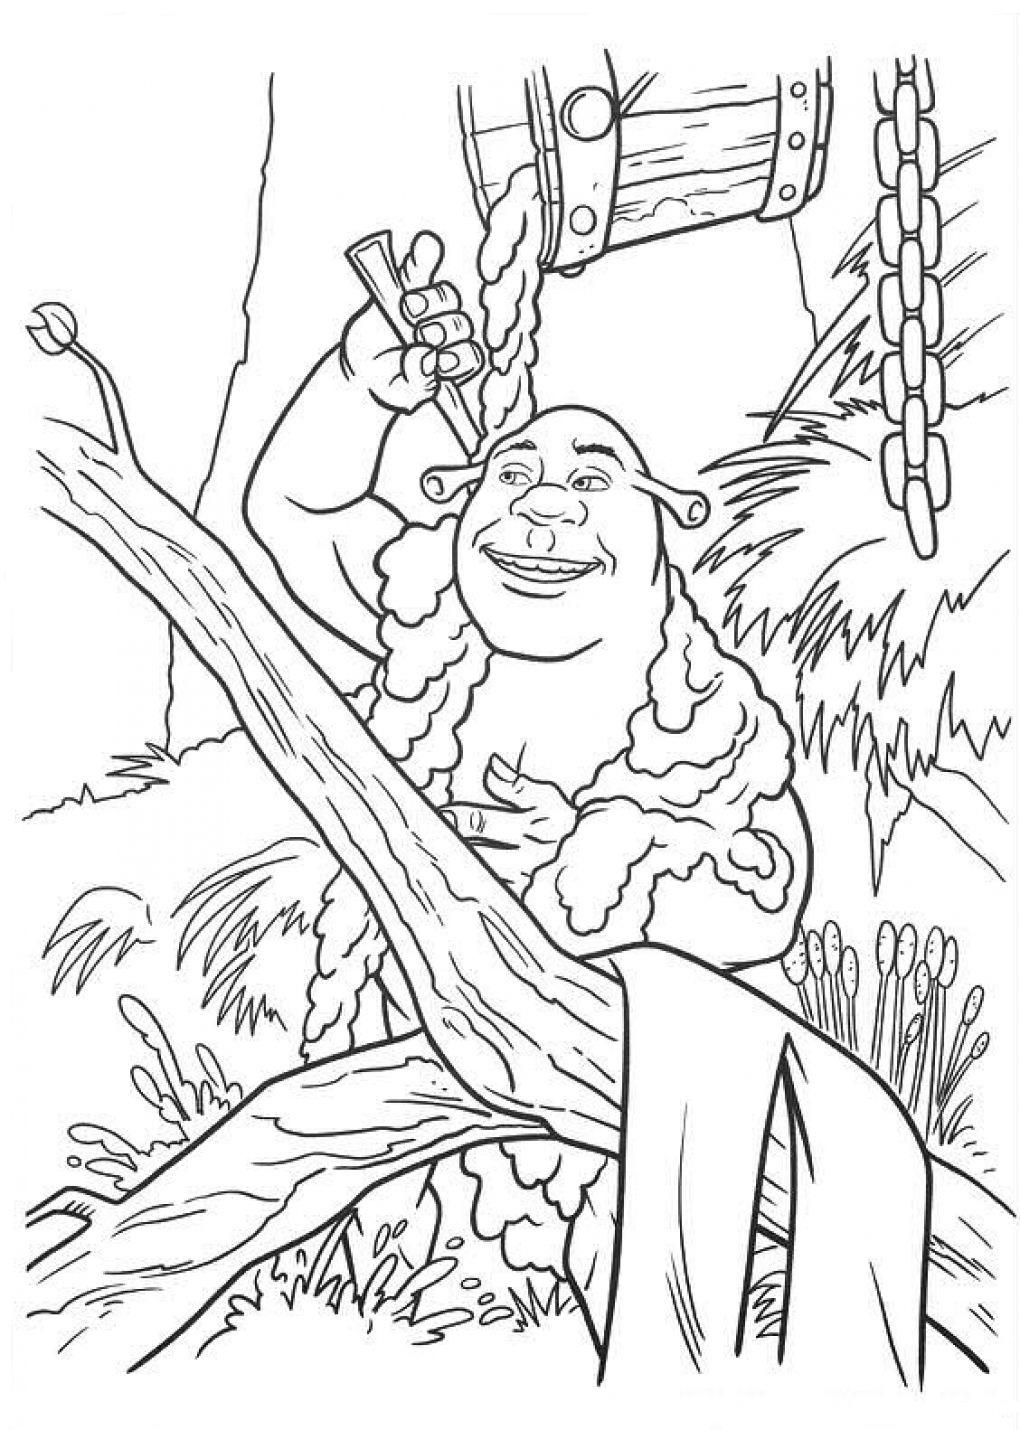 Мультфильм Шрек. Шрек и Фиона счастливы вместе.               Раскраска Шрек и Фиона. Болото Шрека. Злая тетушка Фея Фионы. Свадьба Шрека и Фионы. Огр и принцесса. История любви Шрека и Фионы.